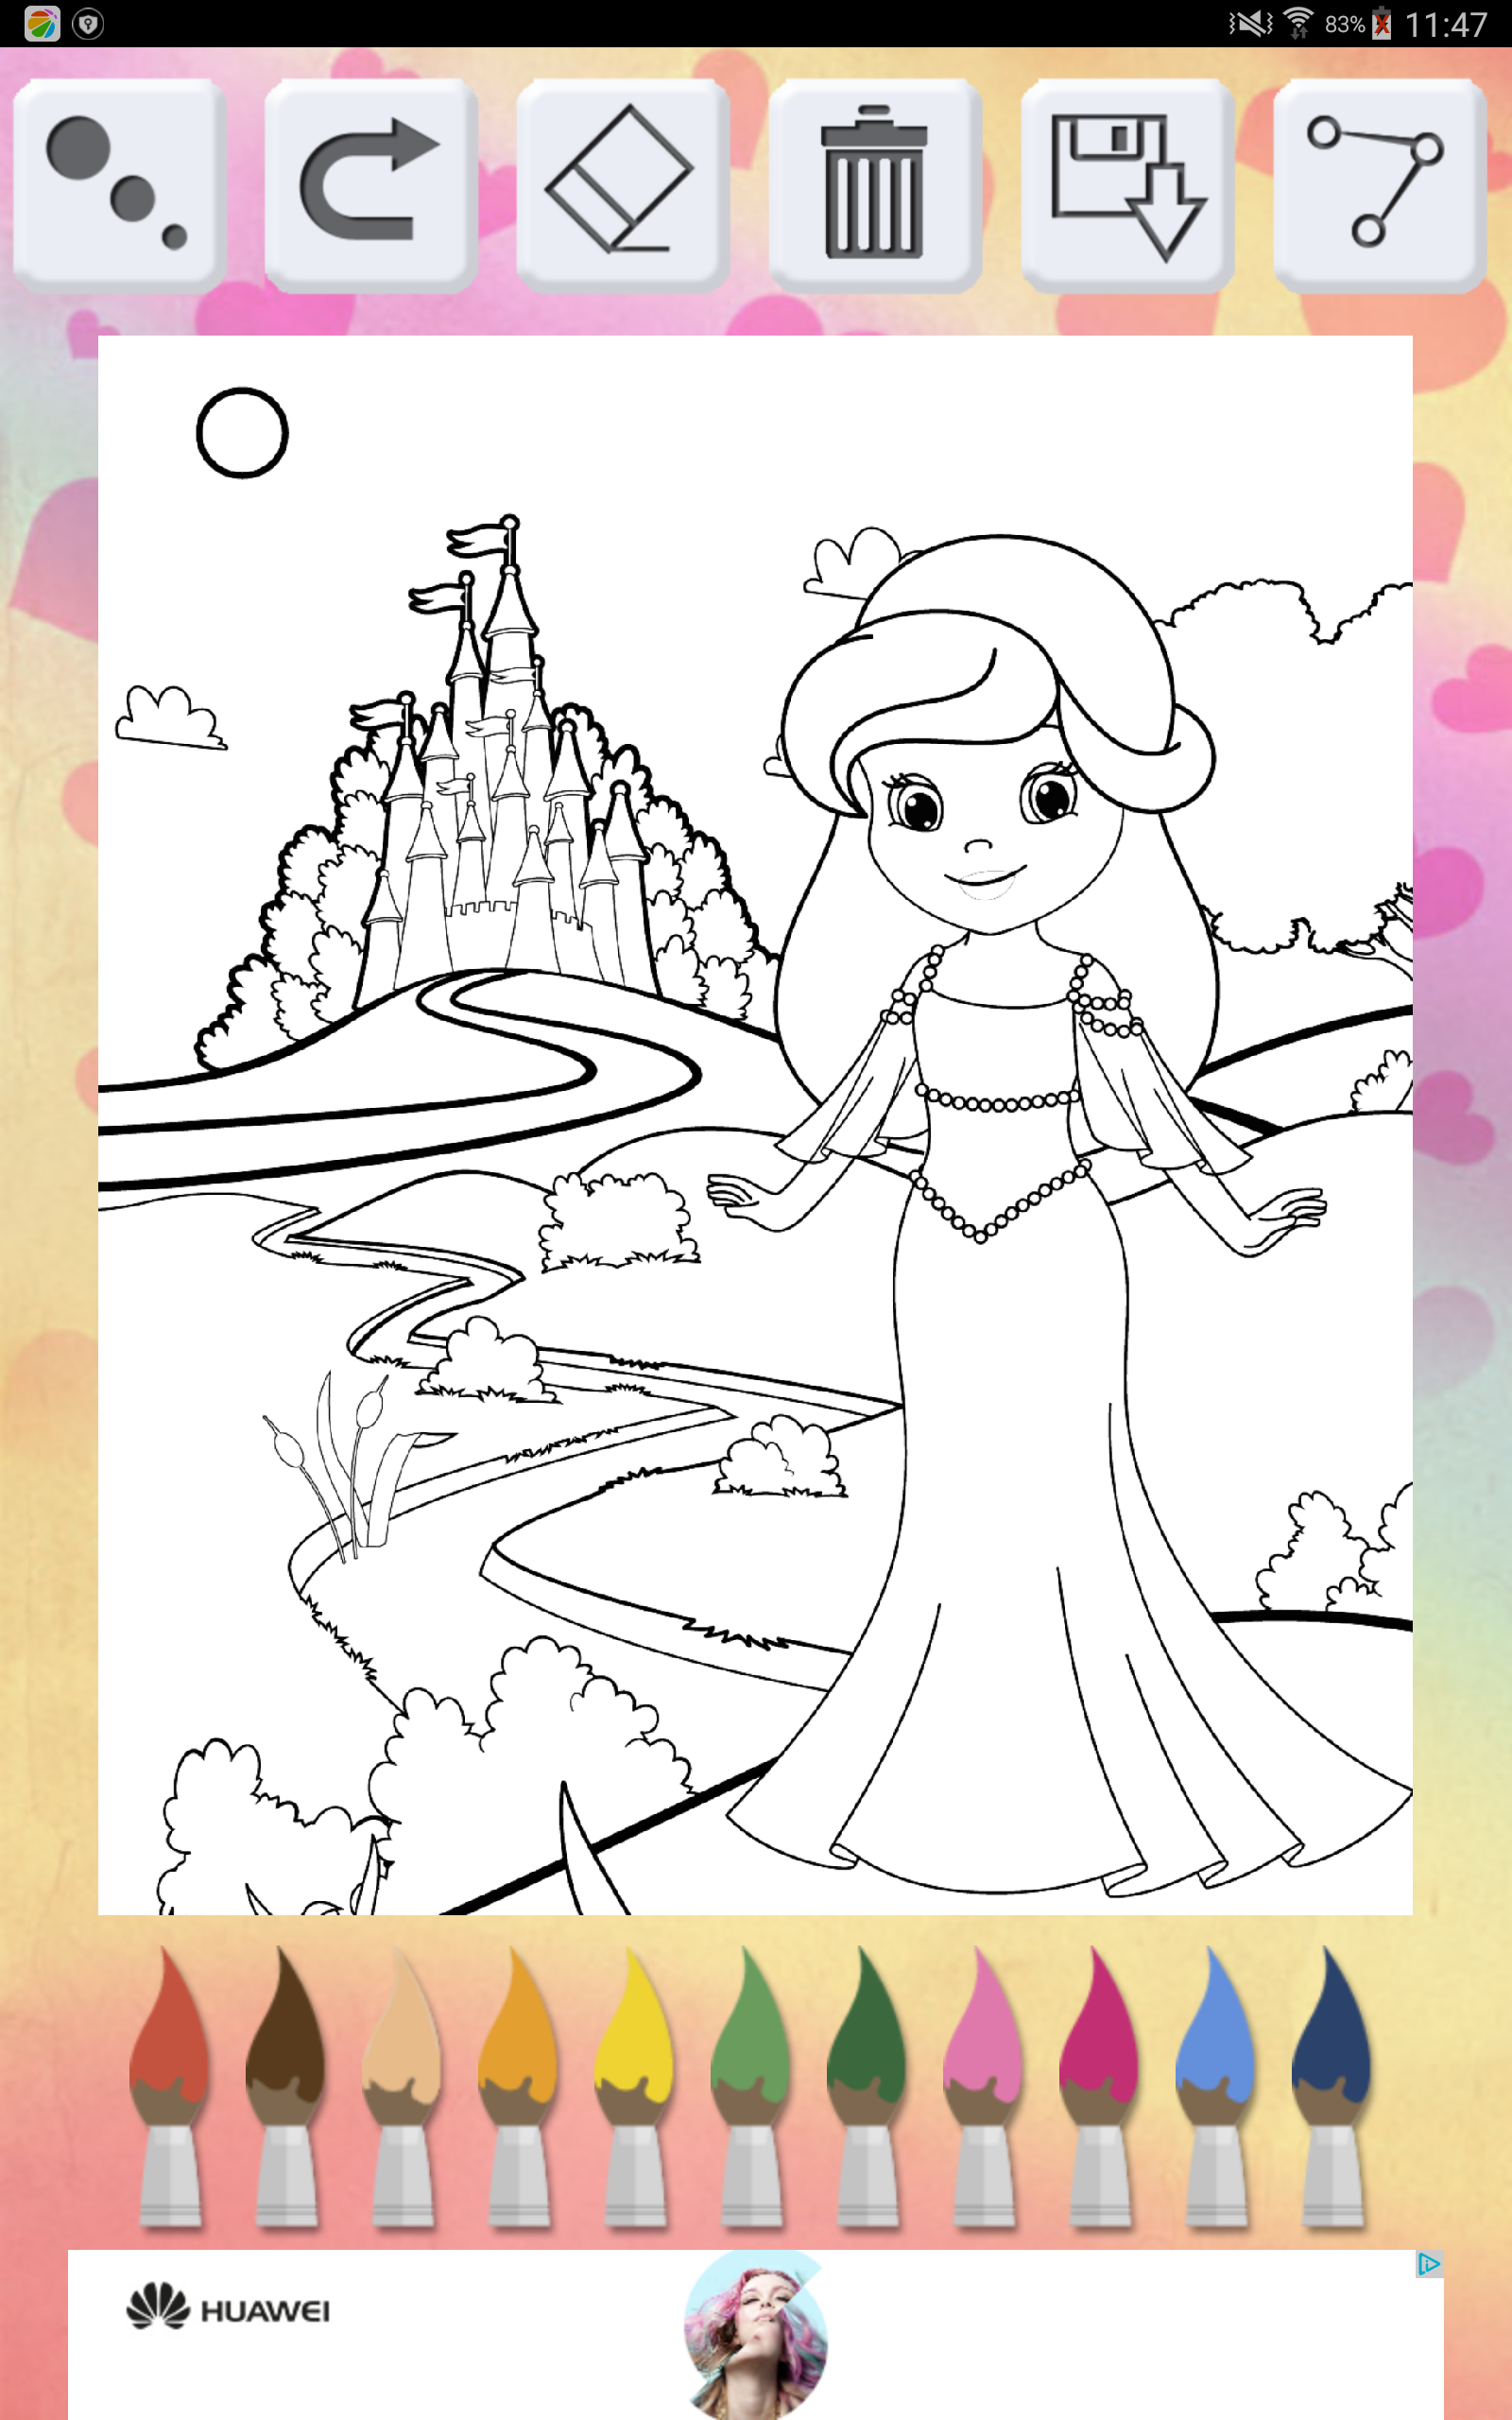 这款经典童话故事画公主涂色儿童画画游戏设计简单,方便操作,适合